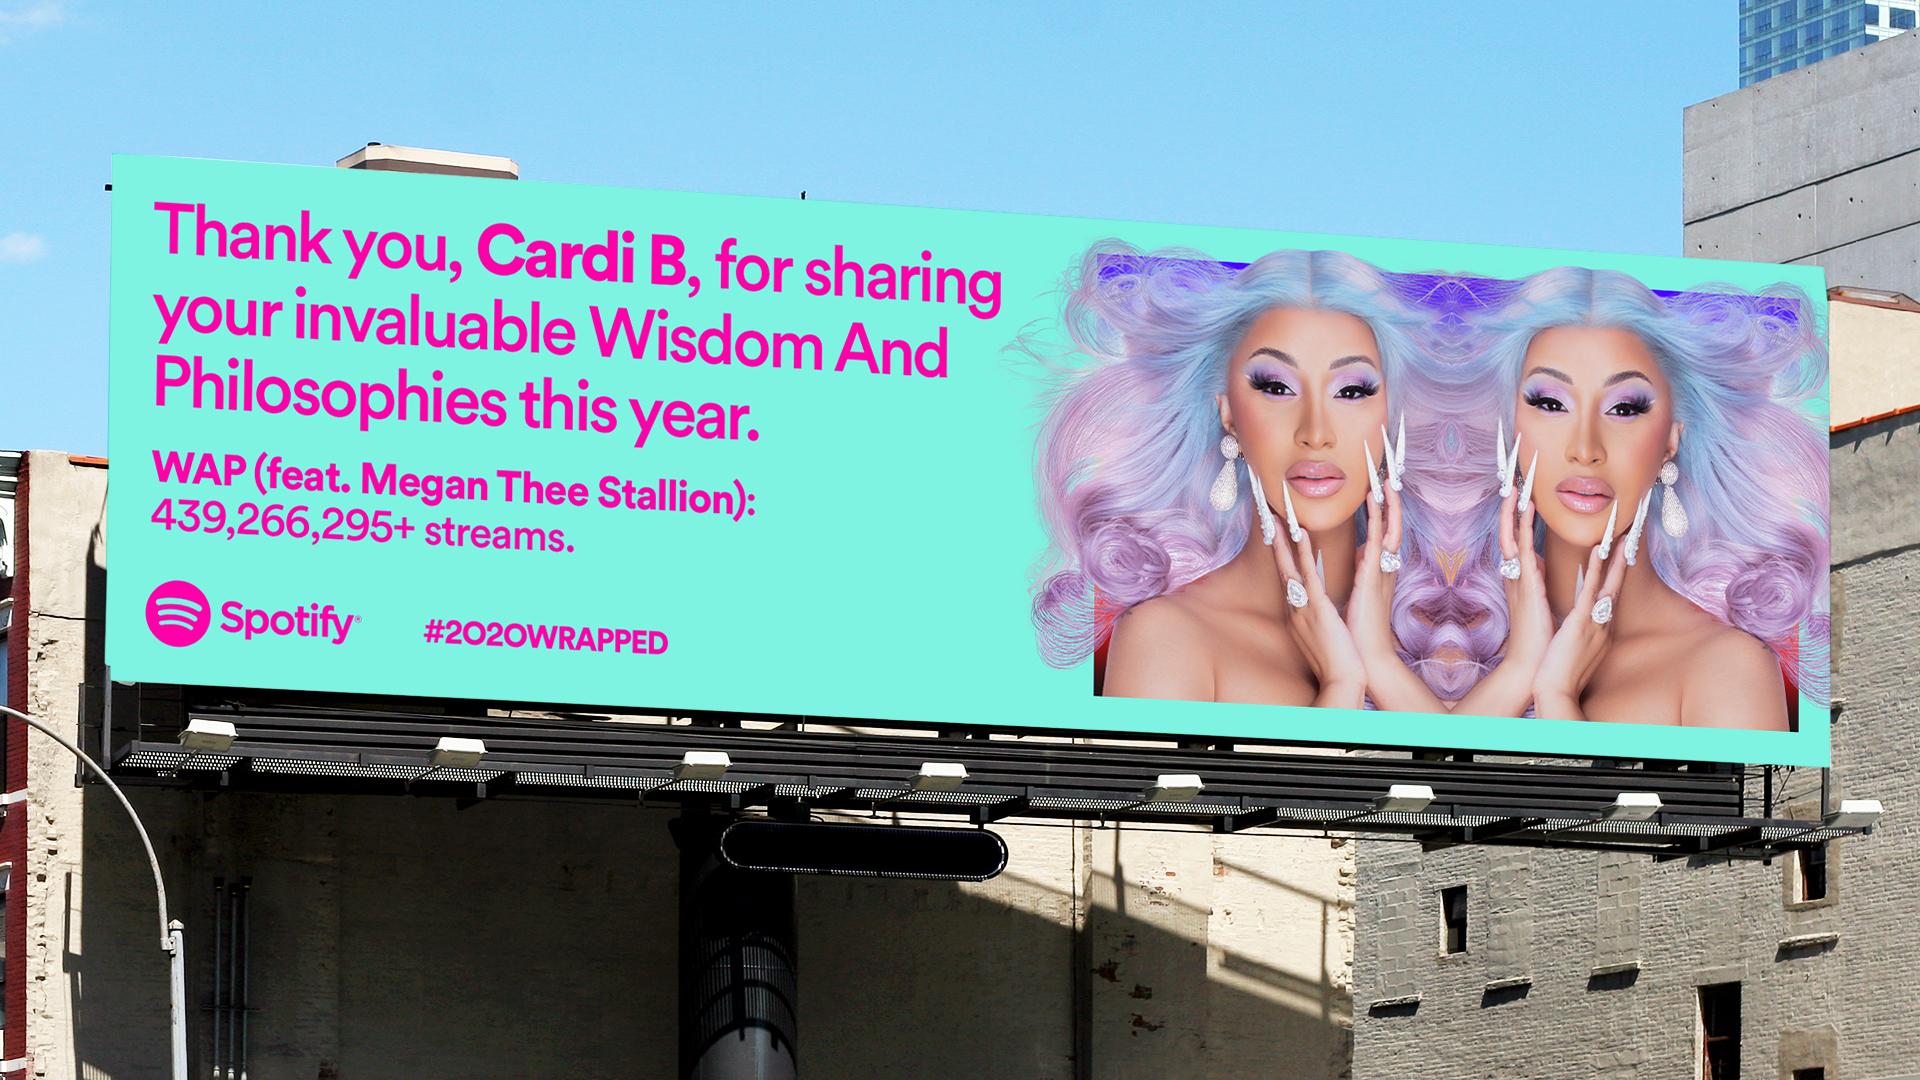 Copia de Billboard: Gracias Cardi B por compartir su invaluable sabiduría y filosofía este año.  WAP hazaña.  Megan Thee Stallion, 439 266 295+ transmisiones.